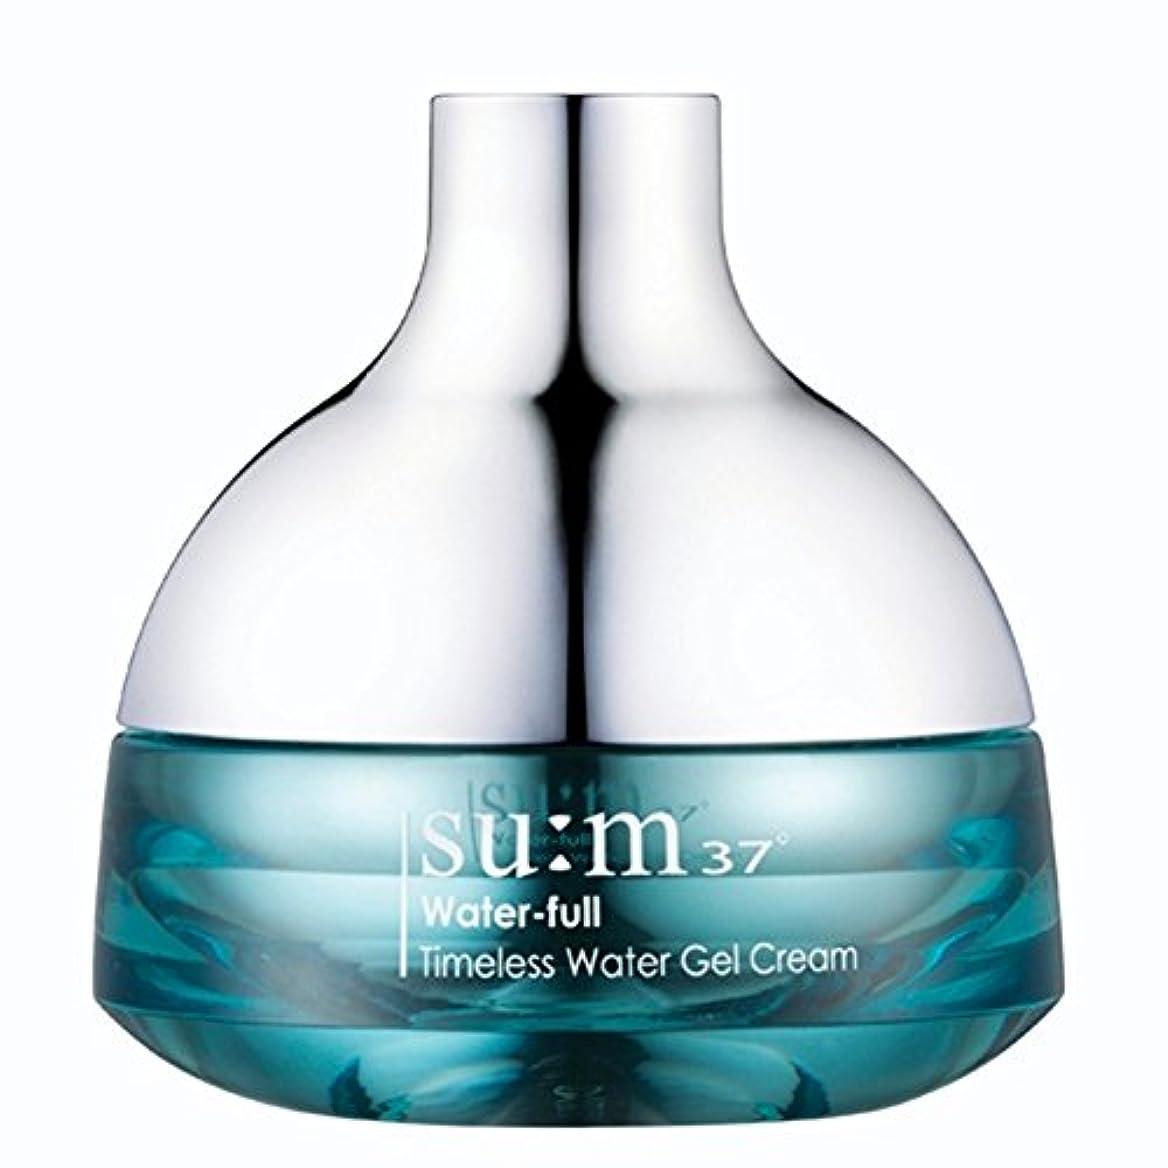 国家形状夫婦su:m37/スム37° スム37 ウォーターフルタイムレスウォータージェルクリーム50ml (sum 37ºWater-full Timeless Water Gel Cream 50ml + Special Gift...